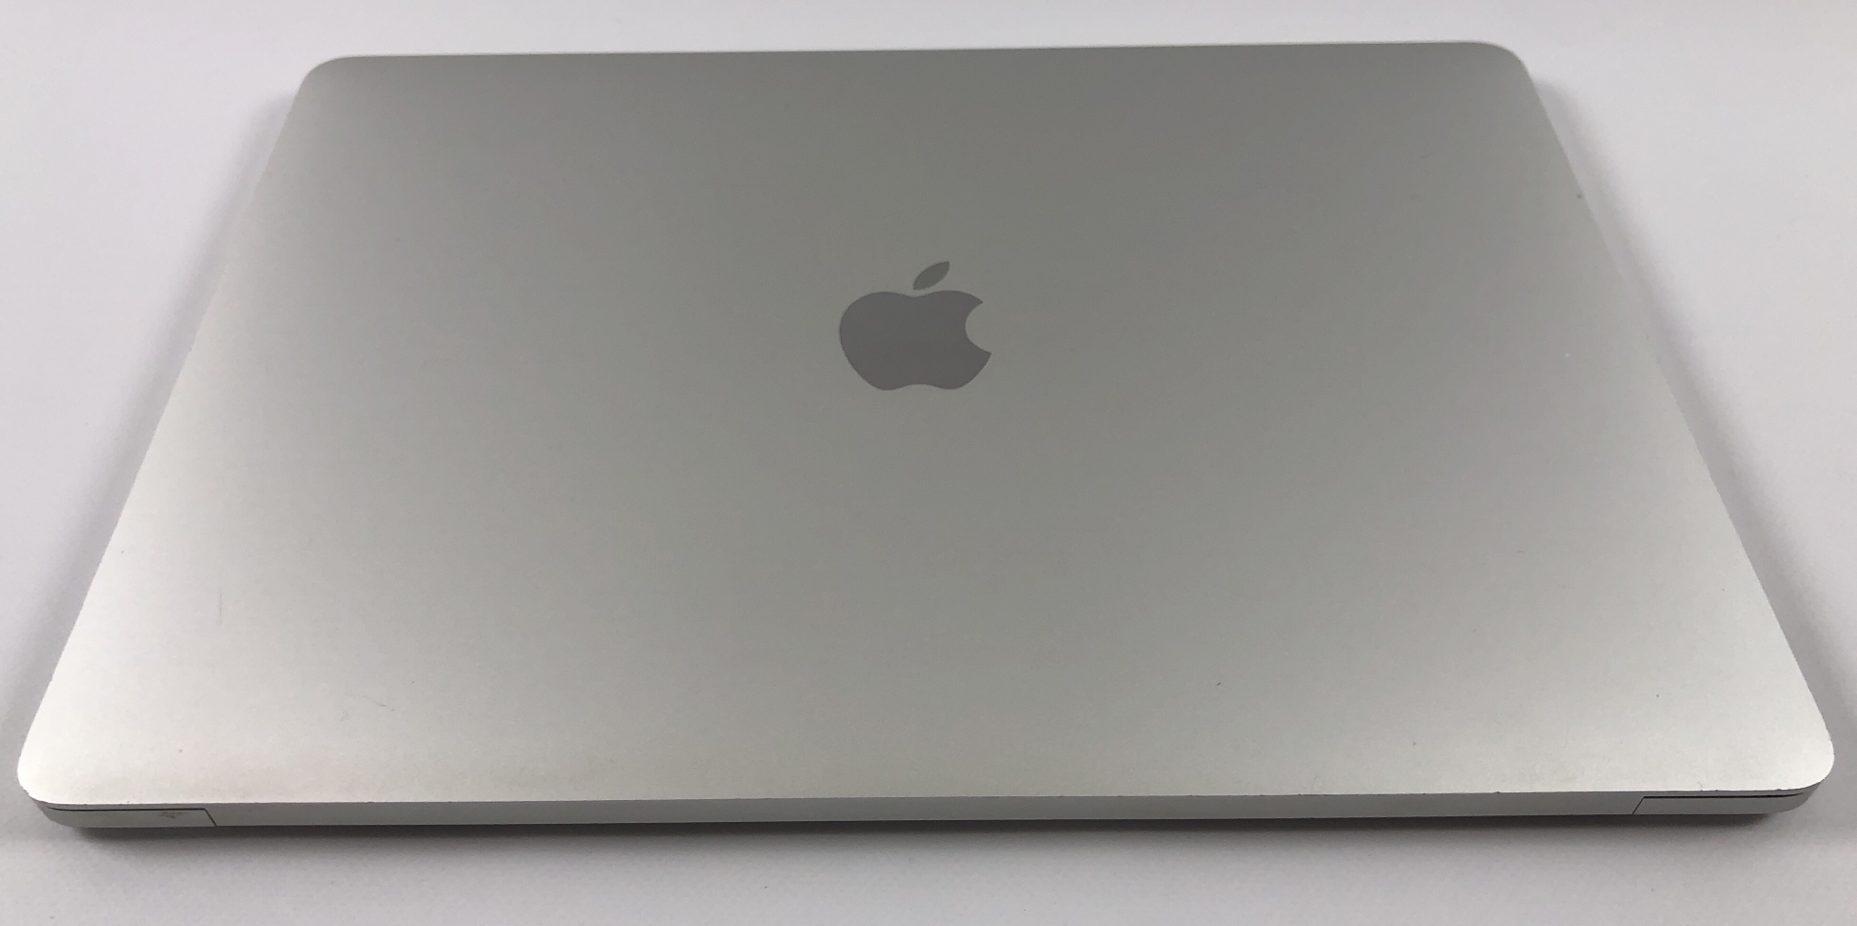 """MacBook Pro 13"""" 2TBT Mid 2017 (Intel Core i5 2.3 GHz 8 GB RAM 256 GB SSD), Silver, Intel Core i5 2.3 GHz, 8 GB RAM, 256 GB SSD, bild 2"""